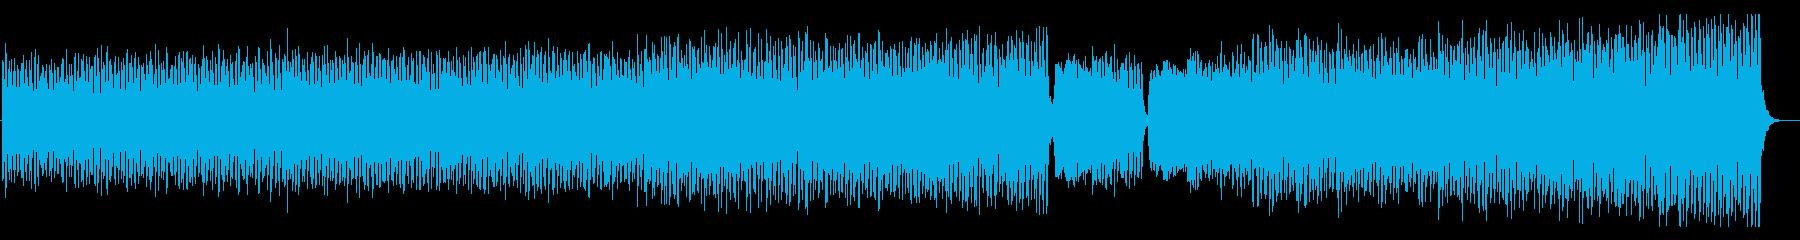 焦燥感 ミステリアス ミニマル音楽の再生済みの波形